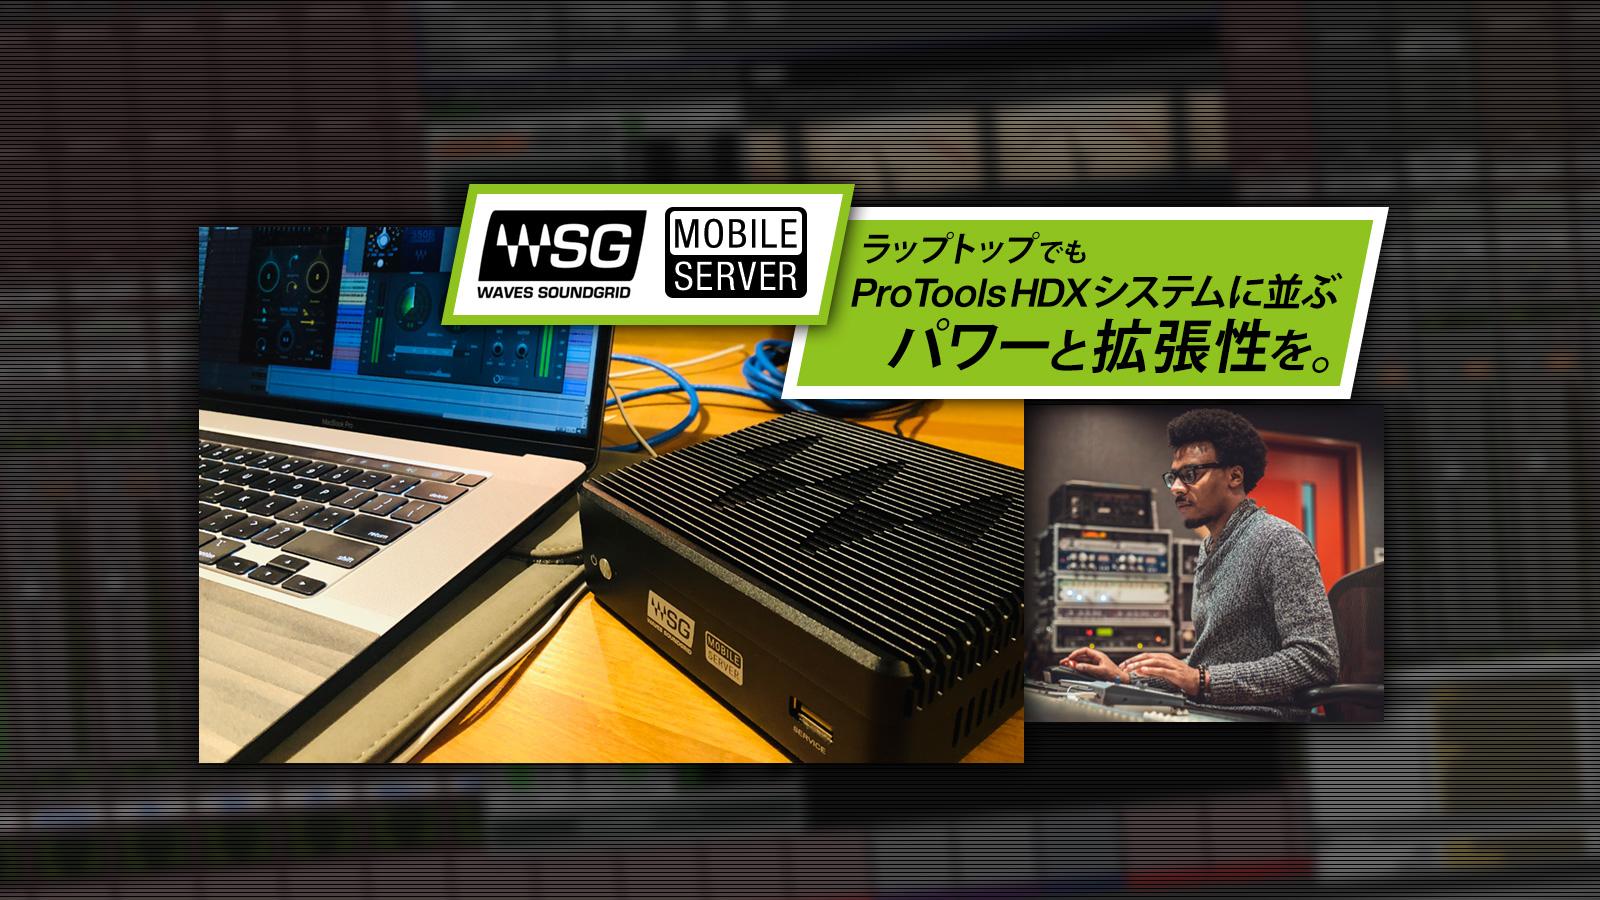 ラップトップでもPro Tools HDXシステムに並ぶパワーと拡張性を。